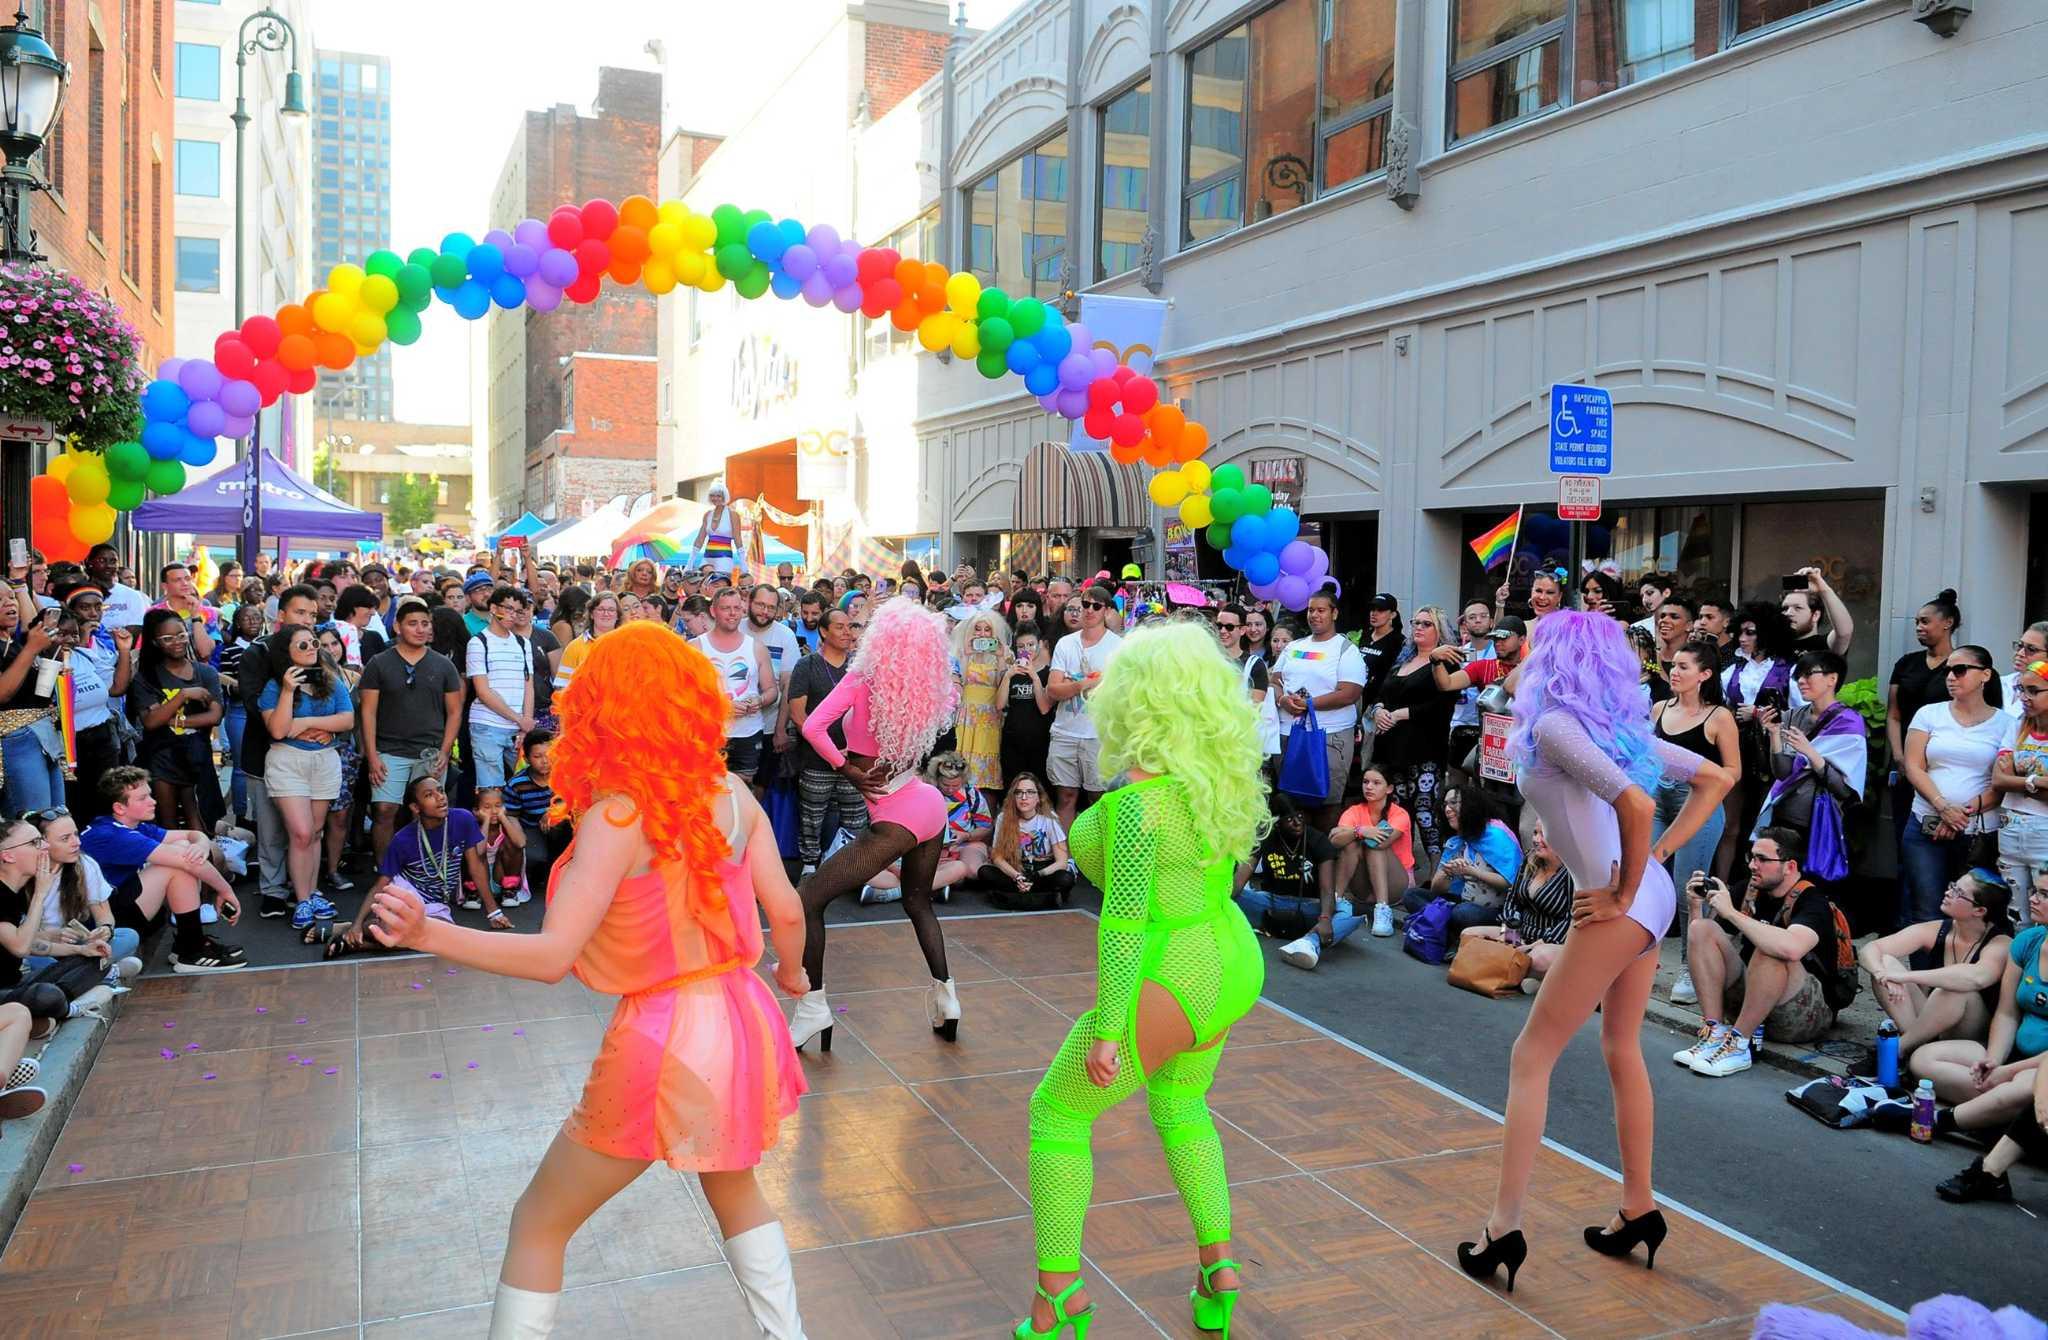 Protestors heckle New Haven pride march